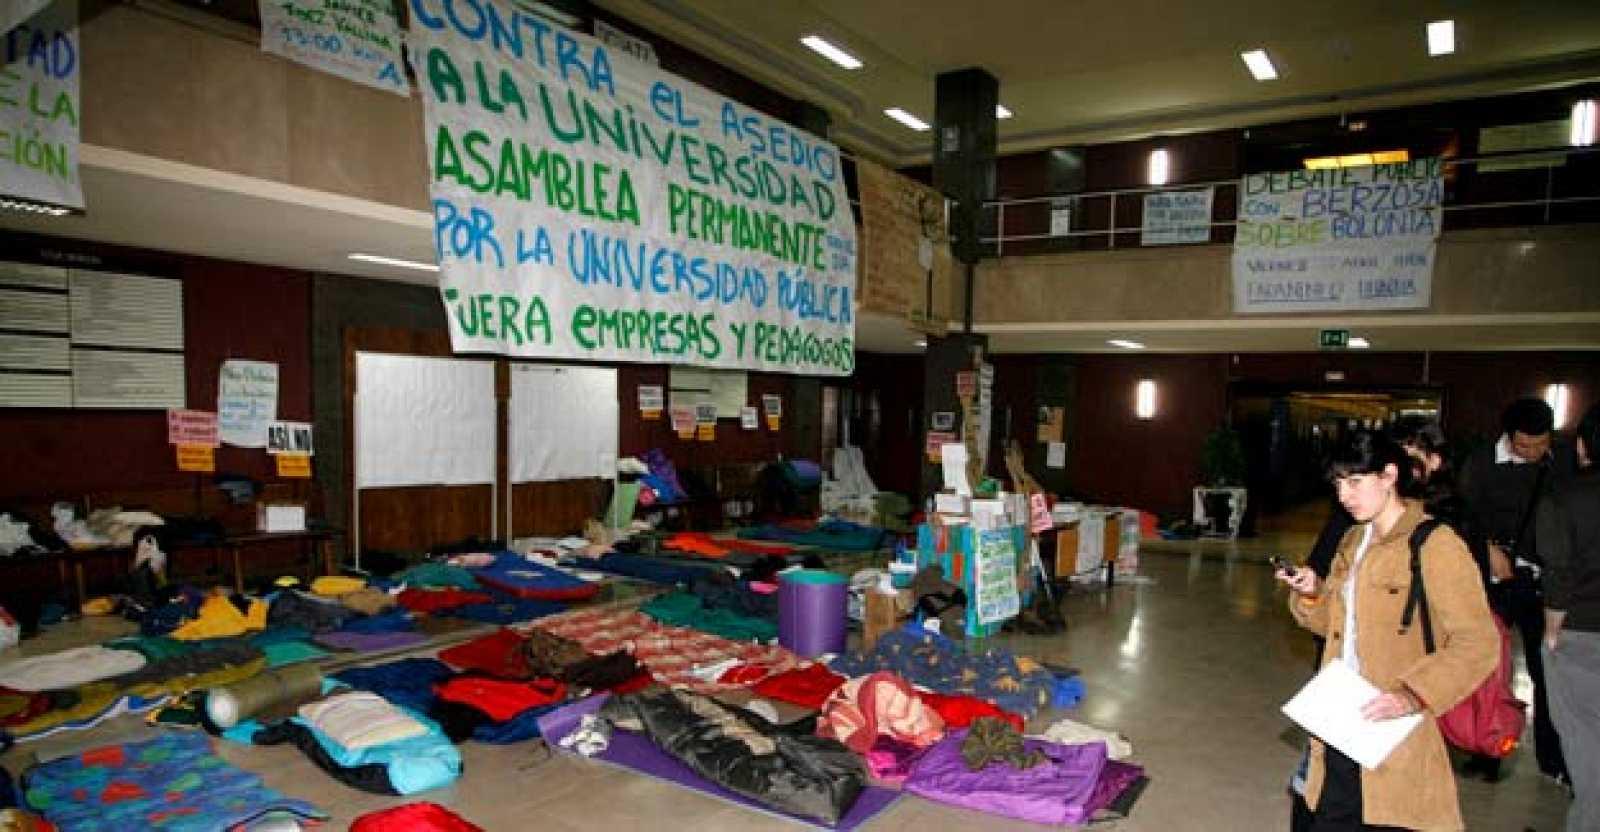 Los estudiantes contra Bolonia